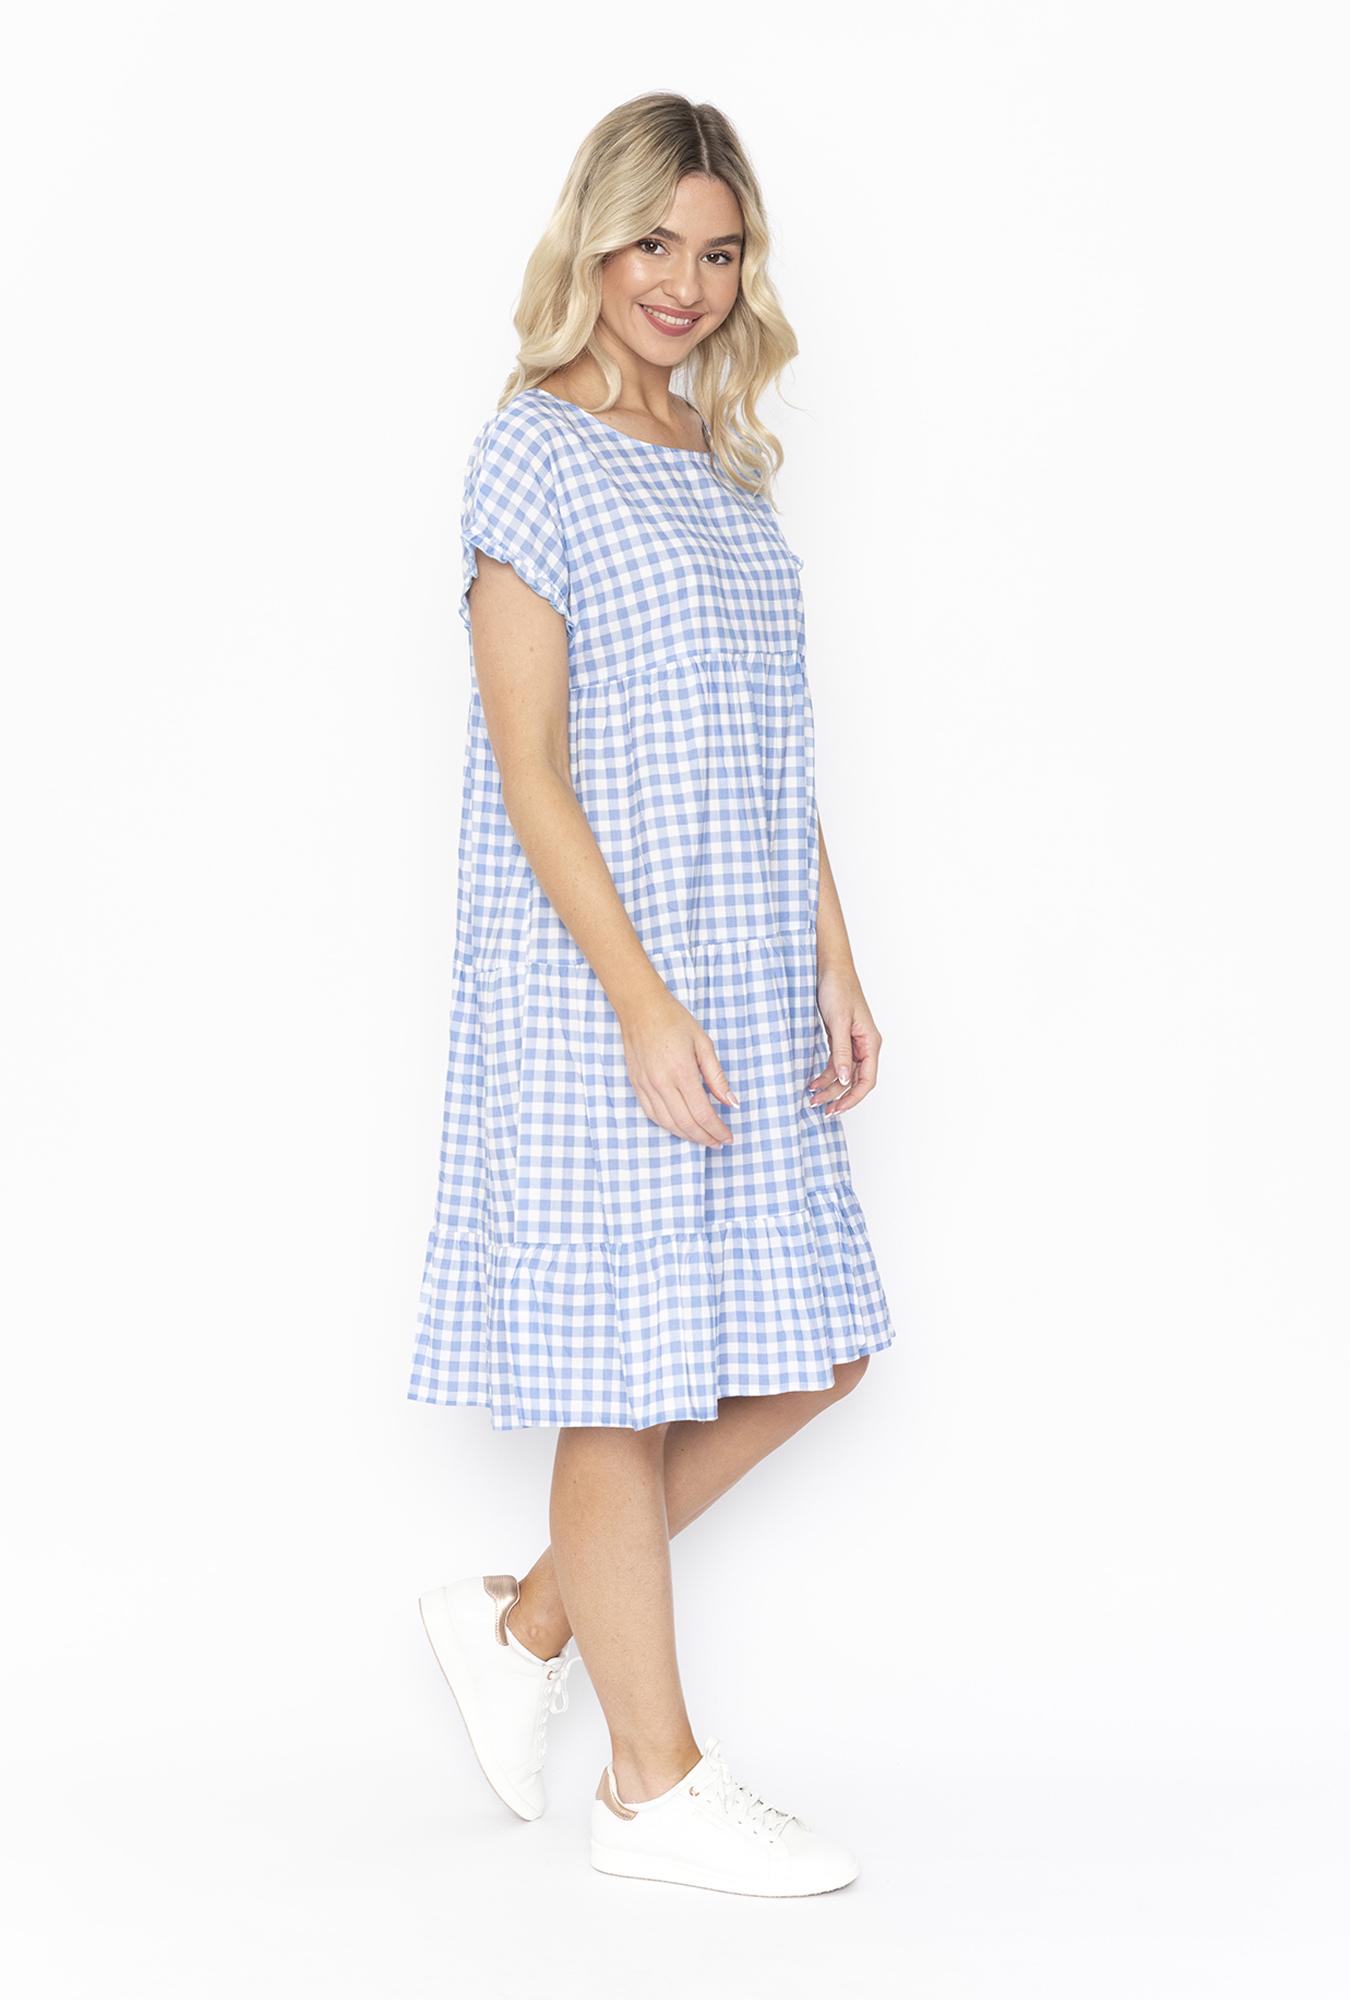 Lottie Dress in Baby Blue Gingham